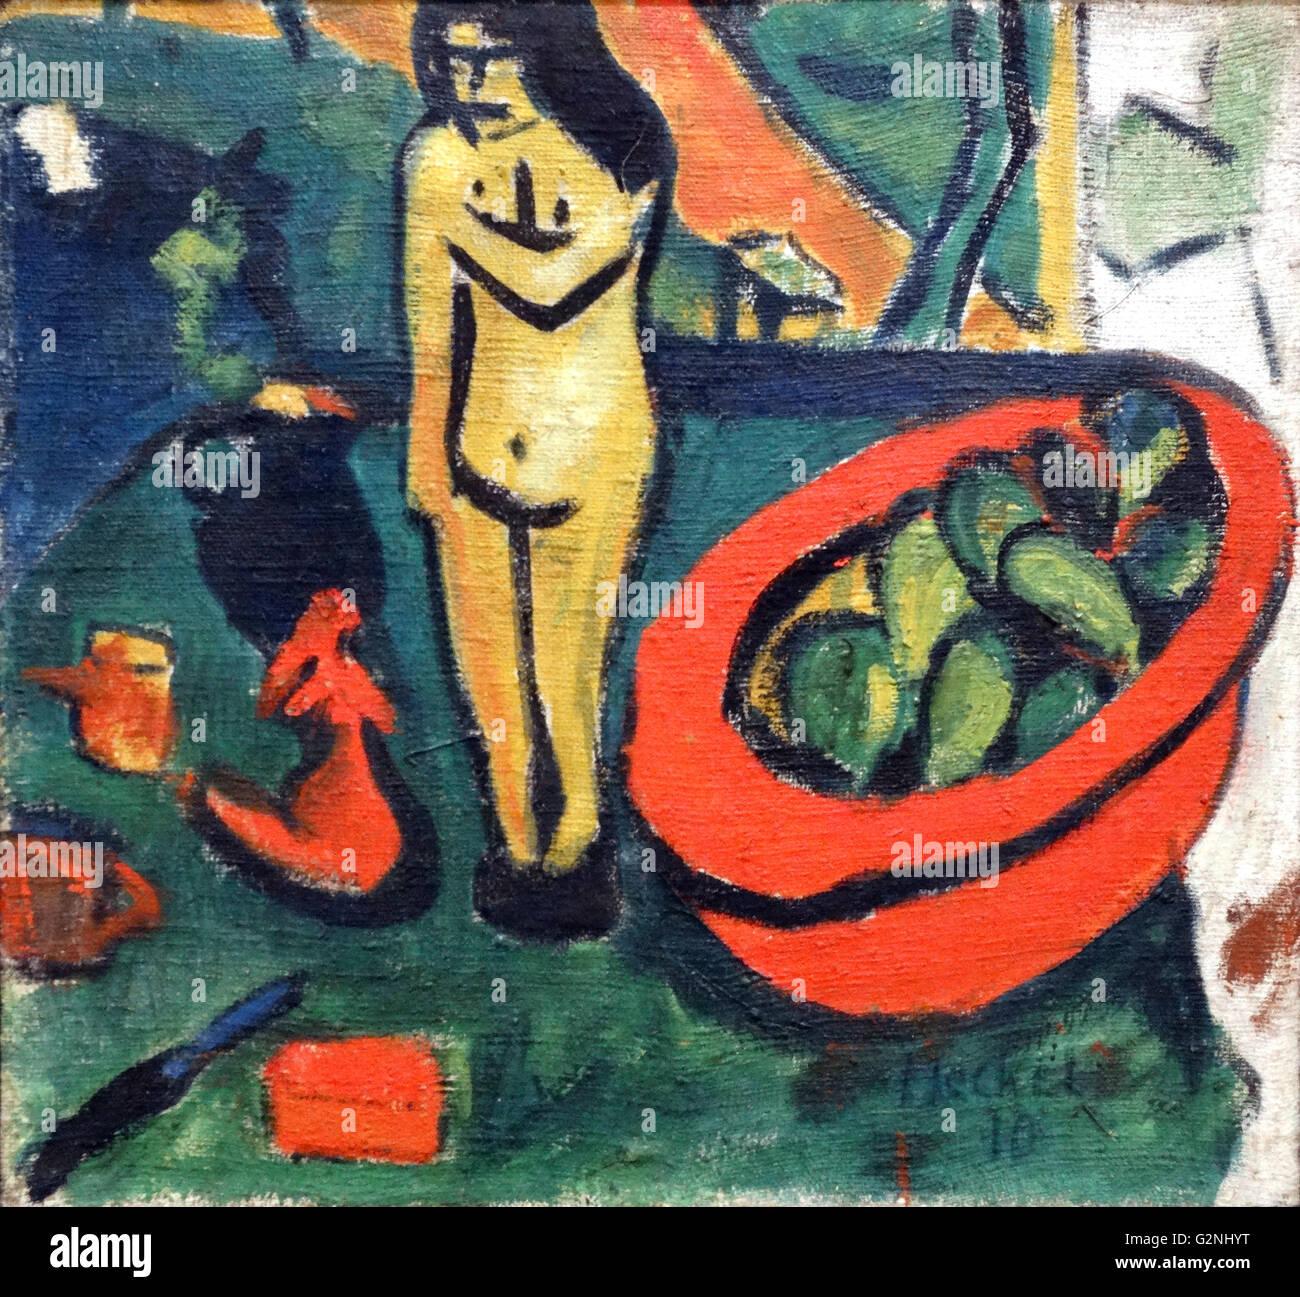 """Mujer bailando por Ernst Ludwig Kirchner (1880-1938), un pintor y grabador EXPRESIONISTA alemán y uno de los fundadores del grupo de artistas """"El puente"""", un grupo clave que conduce a la fundación del expresionismo en el arte del siglo XX. Foto de stock"""